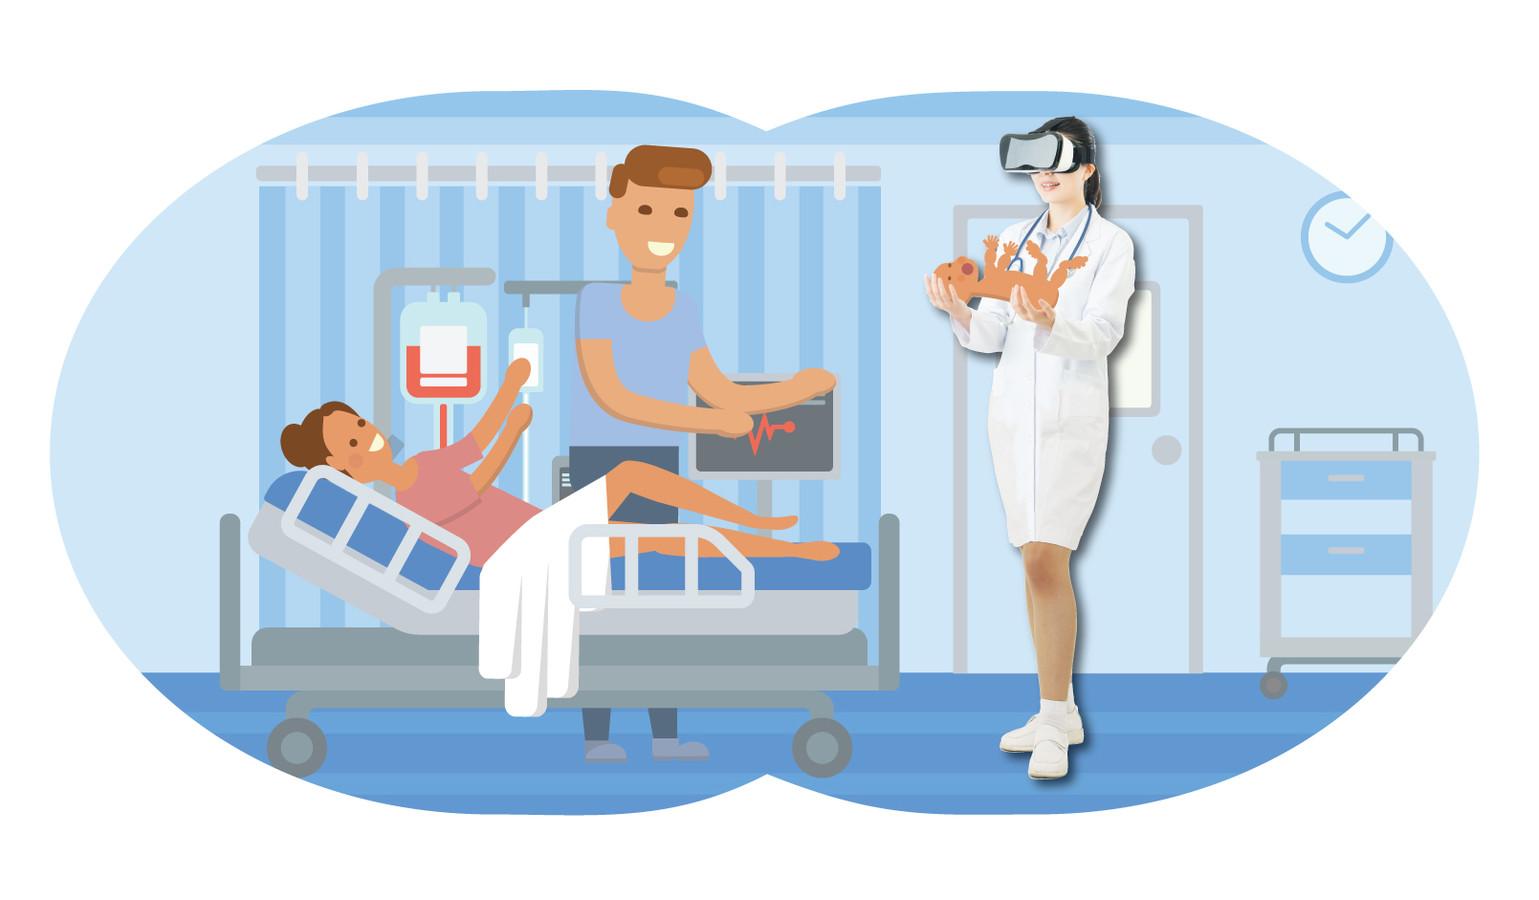 Medewerkers kunnen in virtual reality echte situaties oefenen.